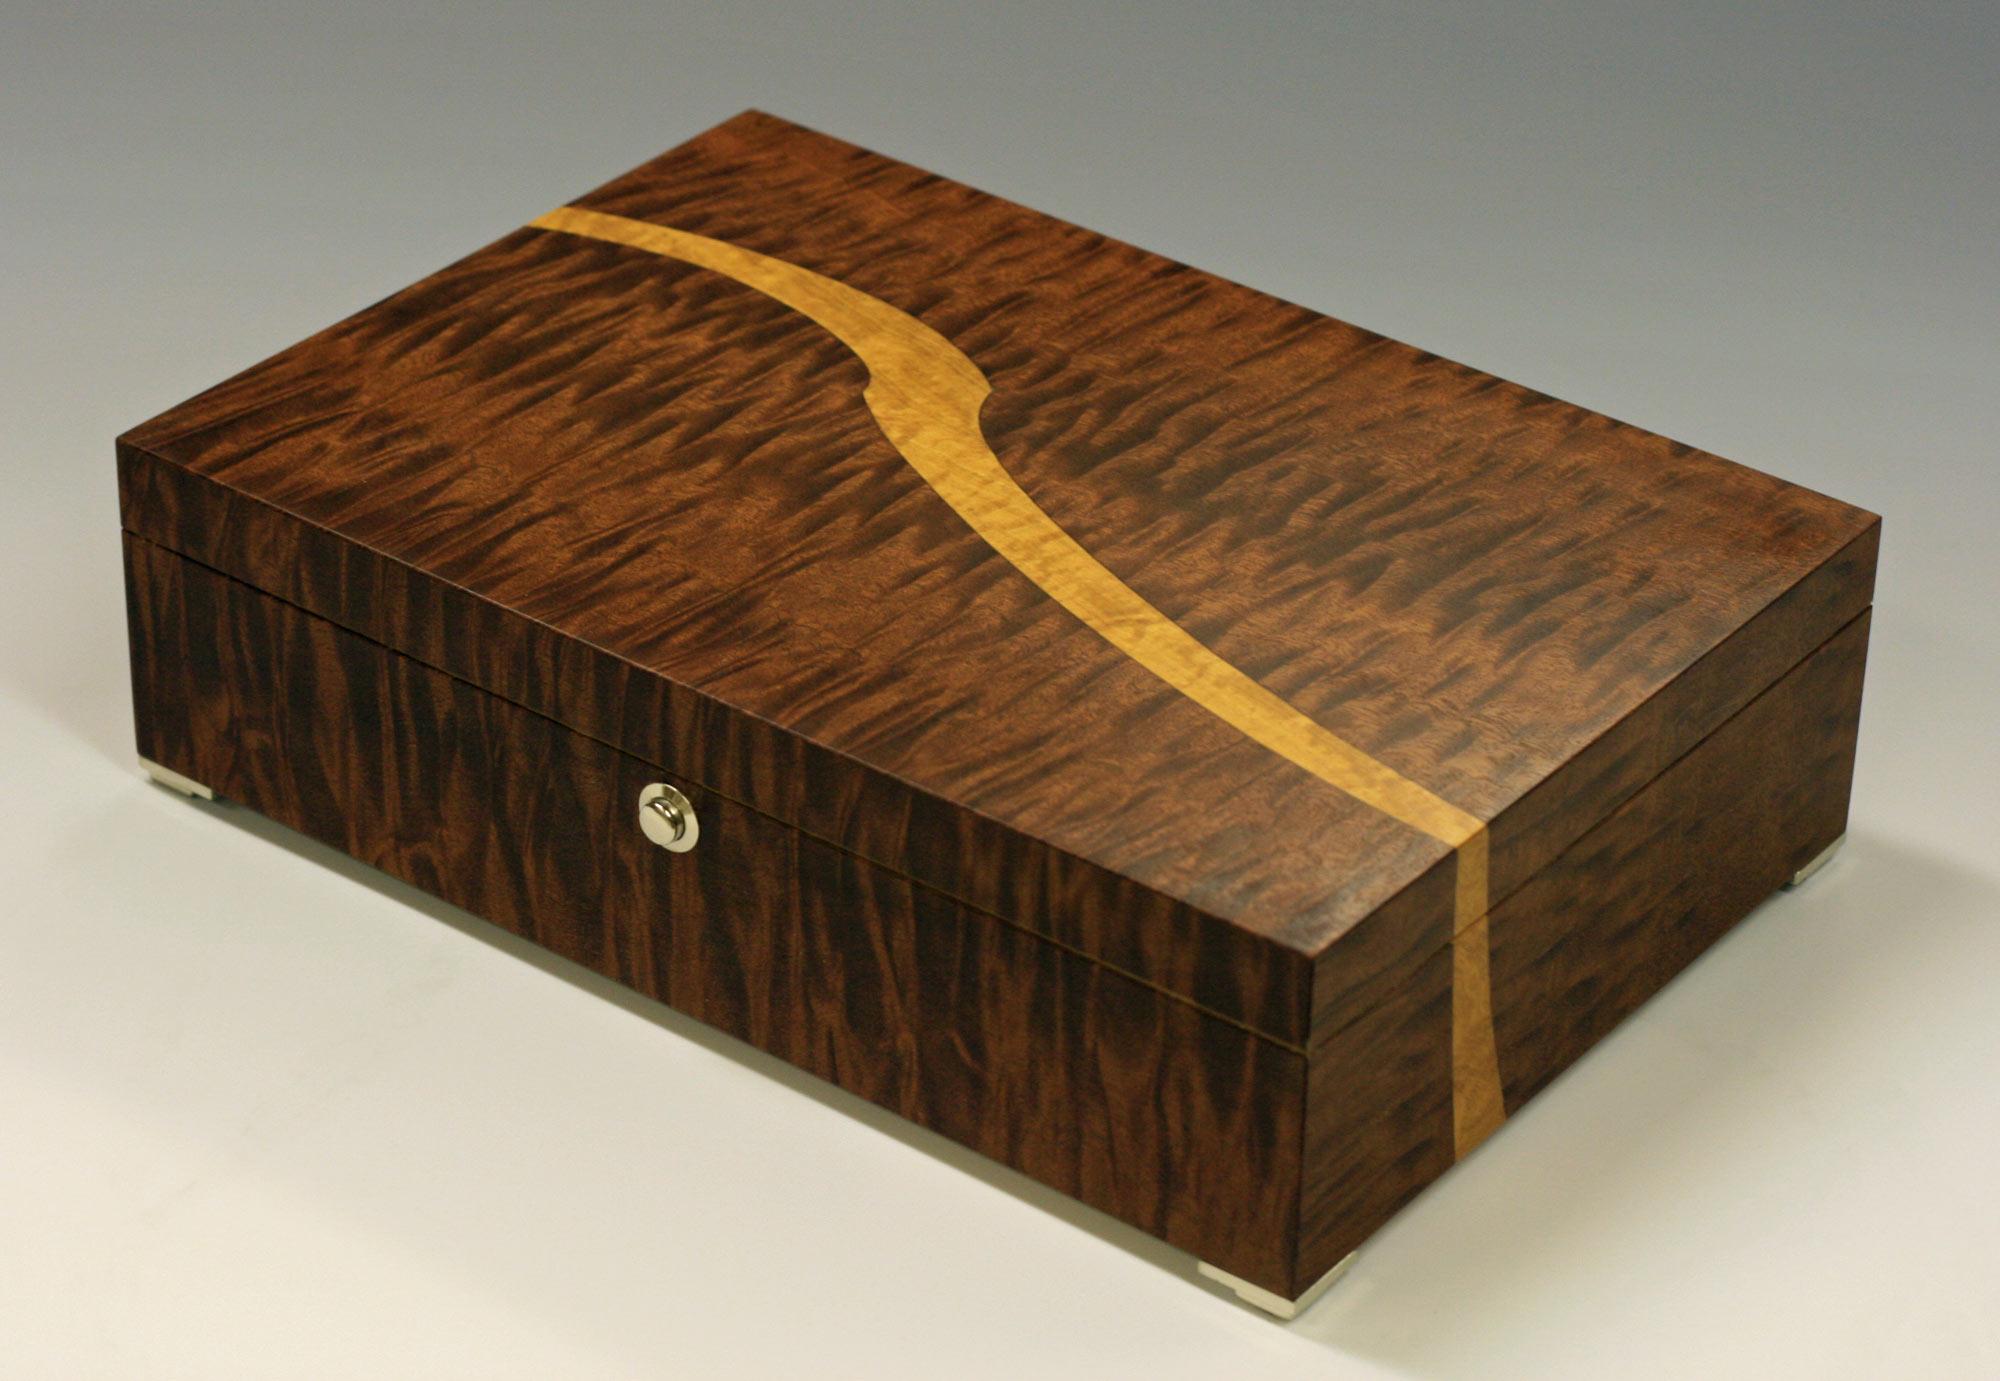 Bespoke Handmade Trinket Box Makers Eye